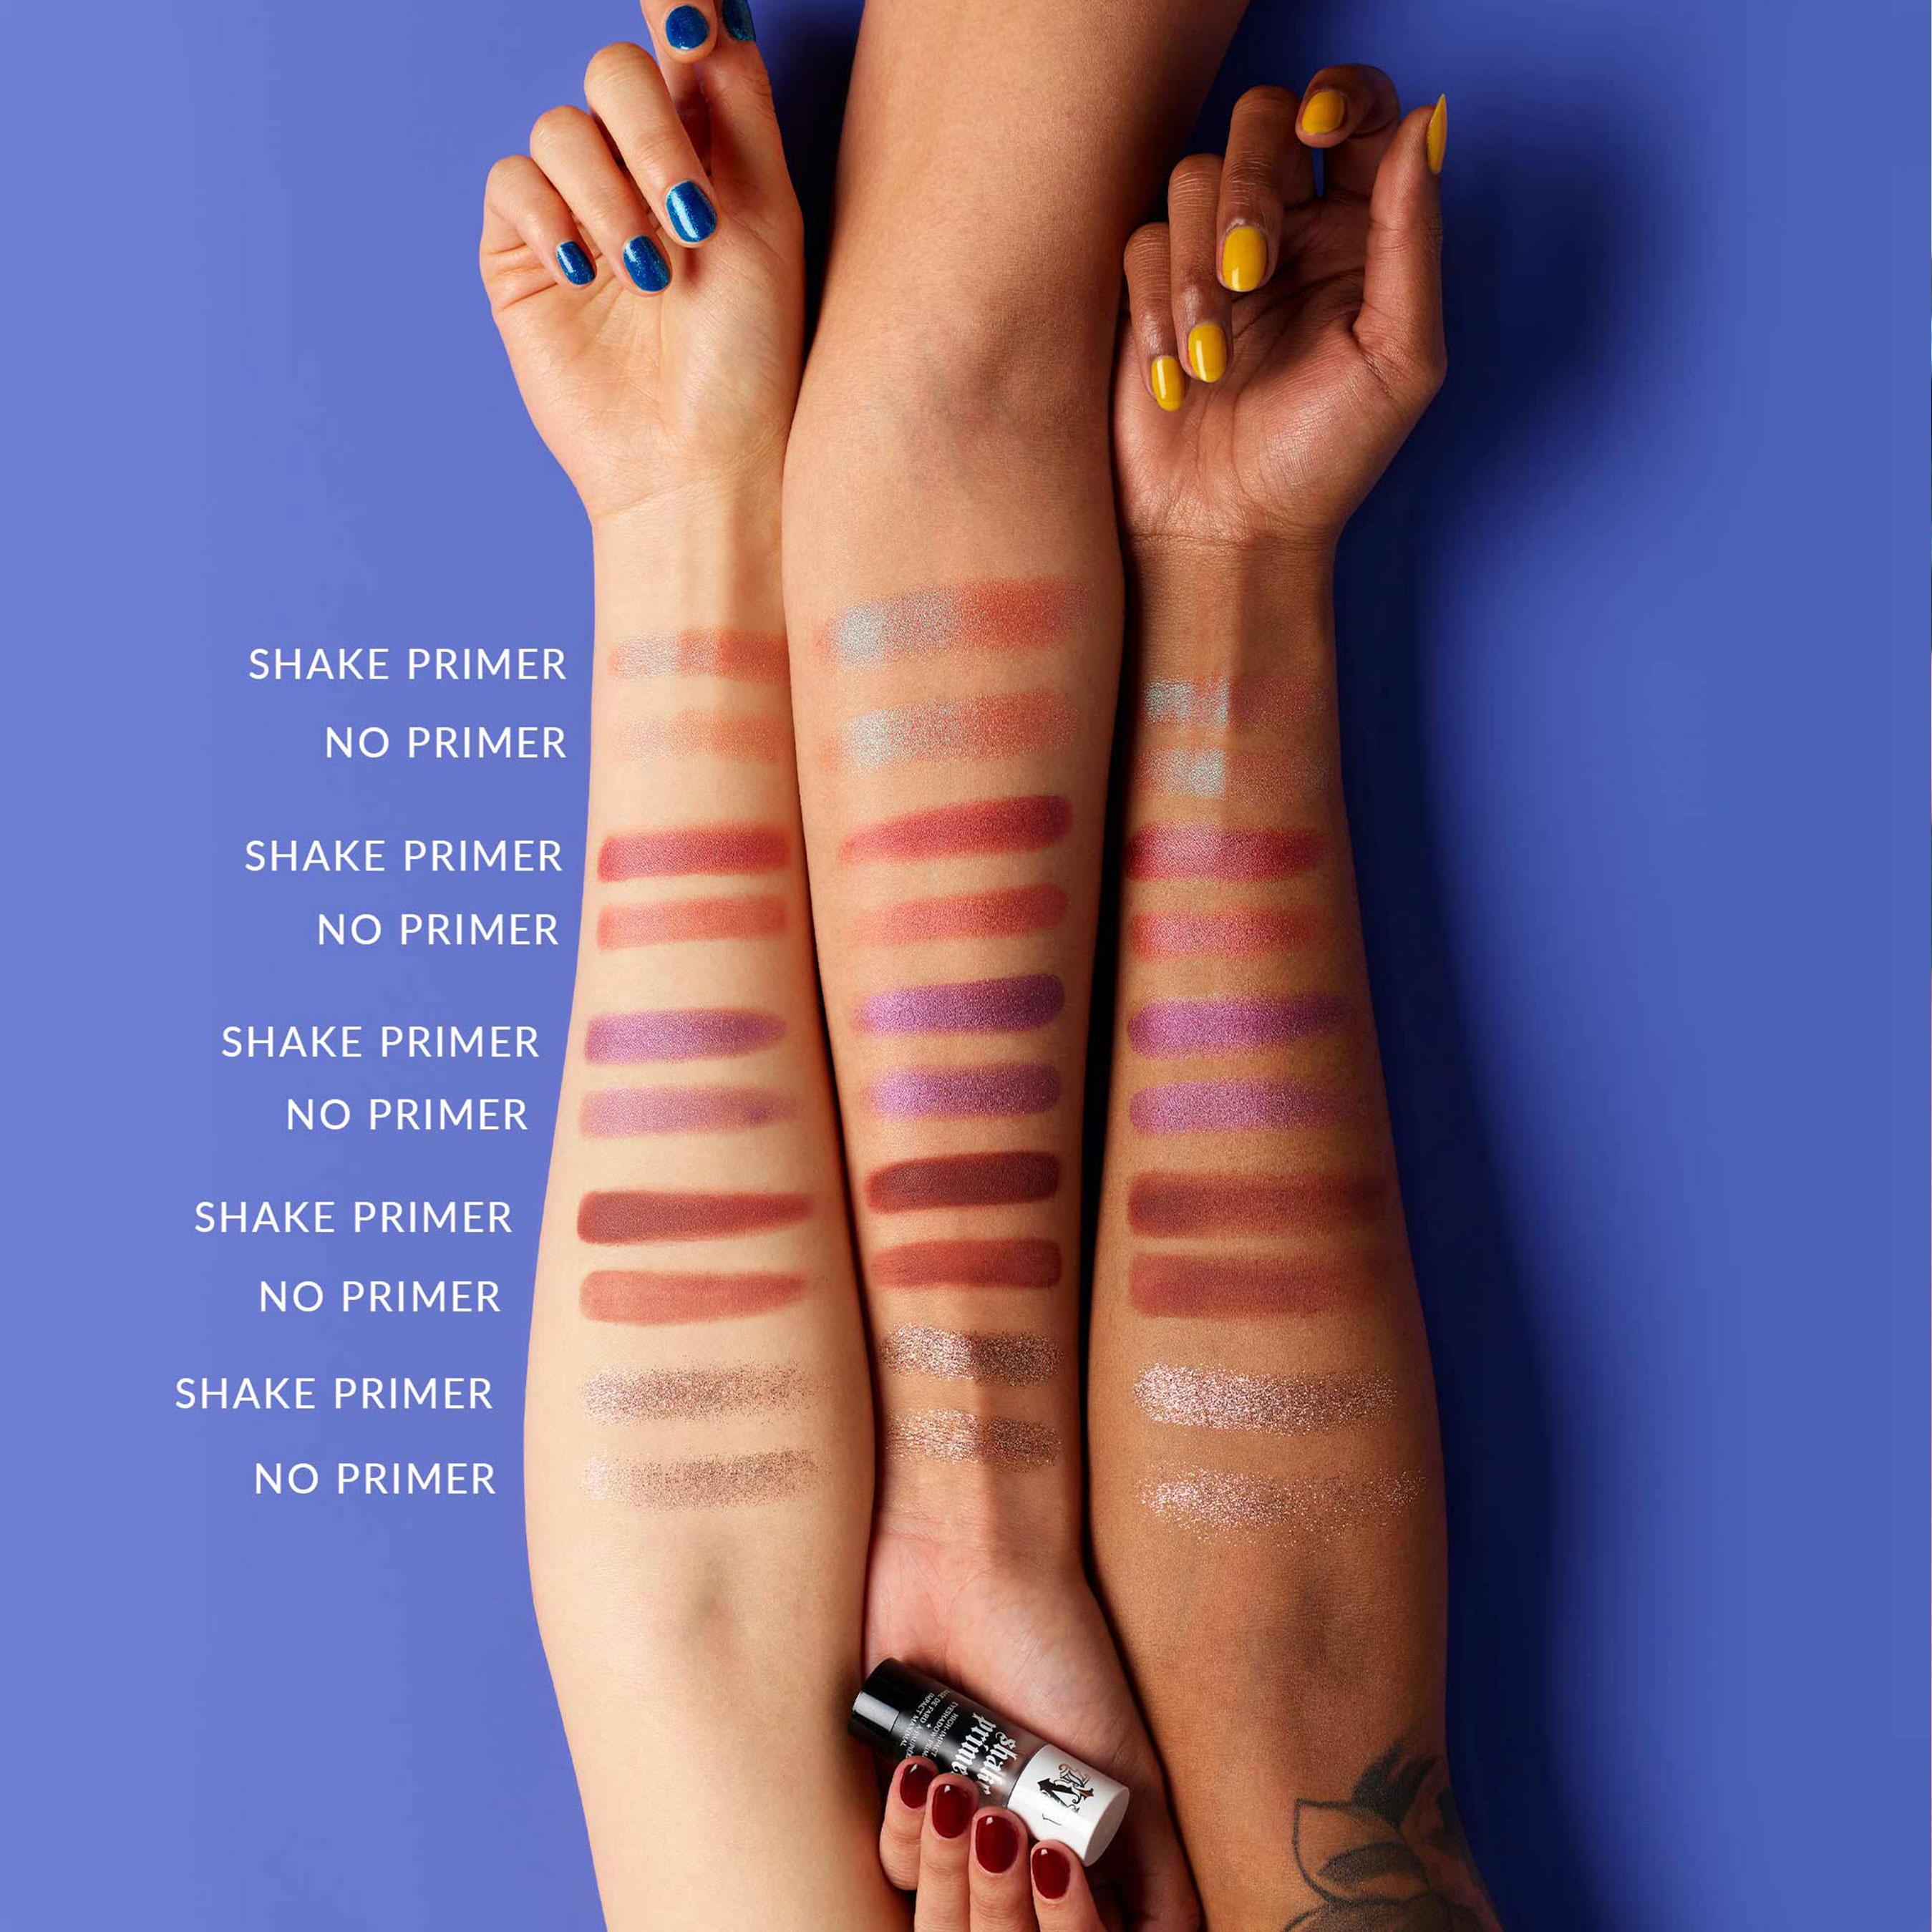 New KVD Vegan Beauty Shake Vegan Eyeshadow Primer Swatches